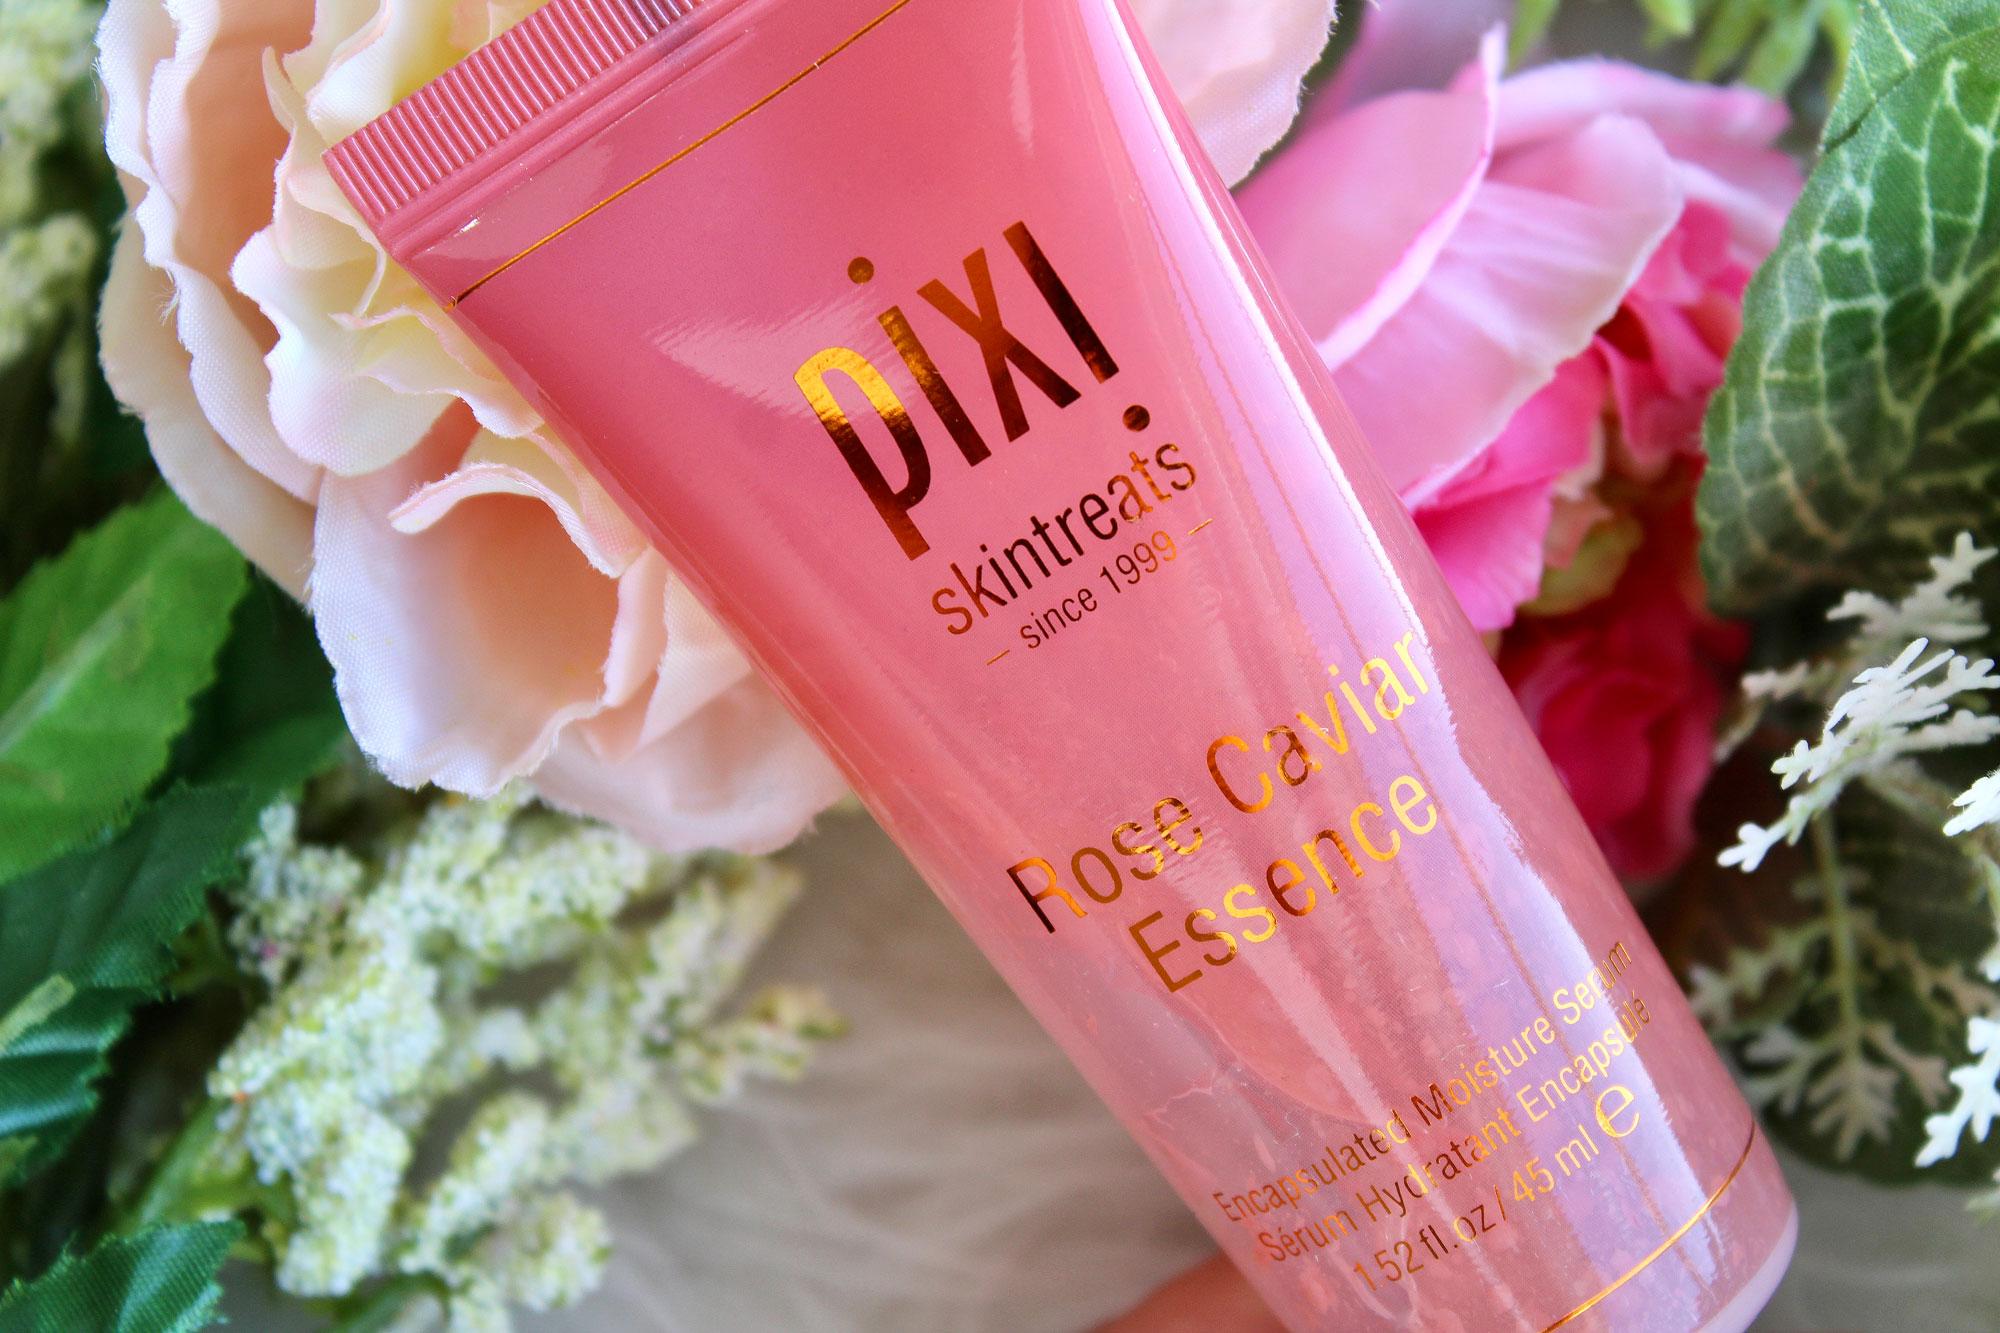 Pixi Beauty Rose Caviar Essence